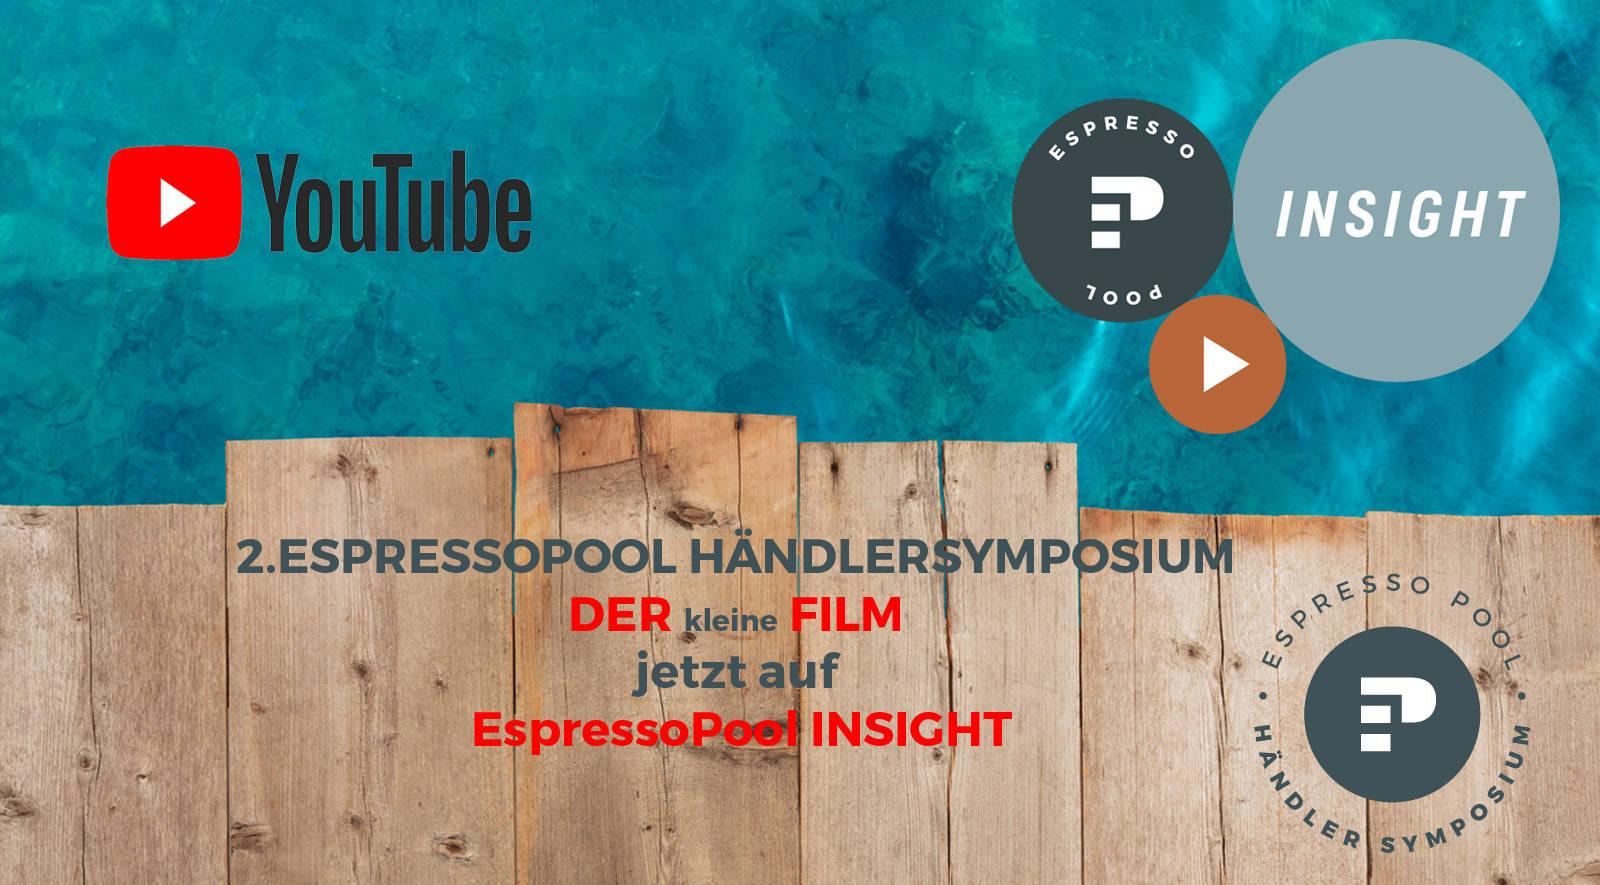 2. EspressoPool Händlersymposium jetzt bei YouTube